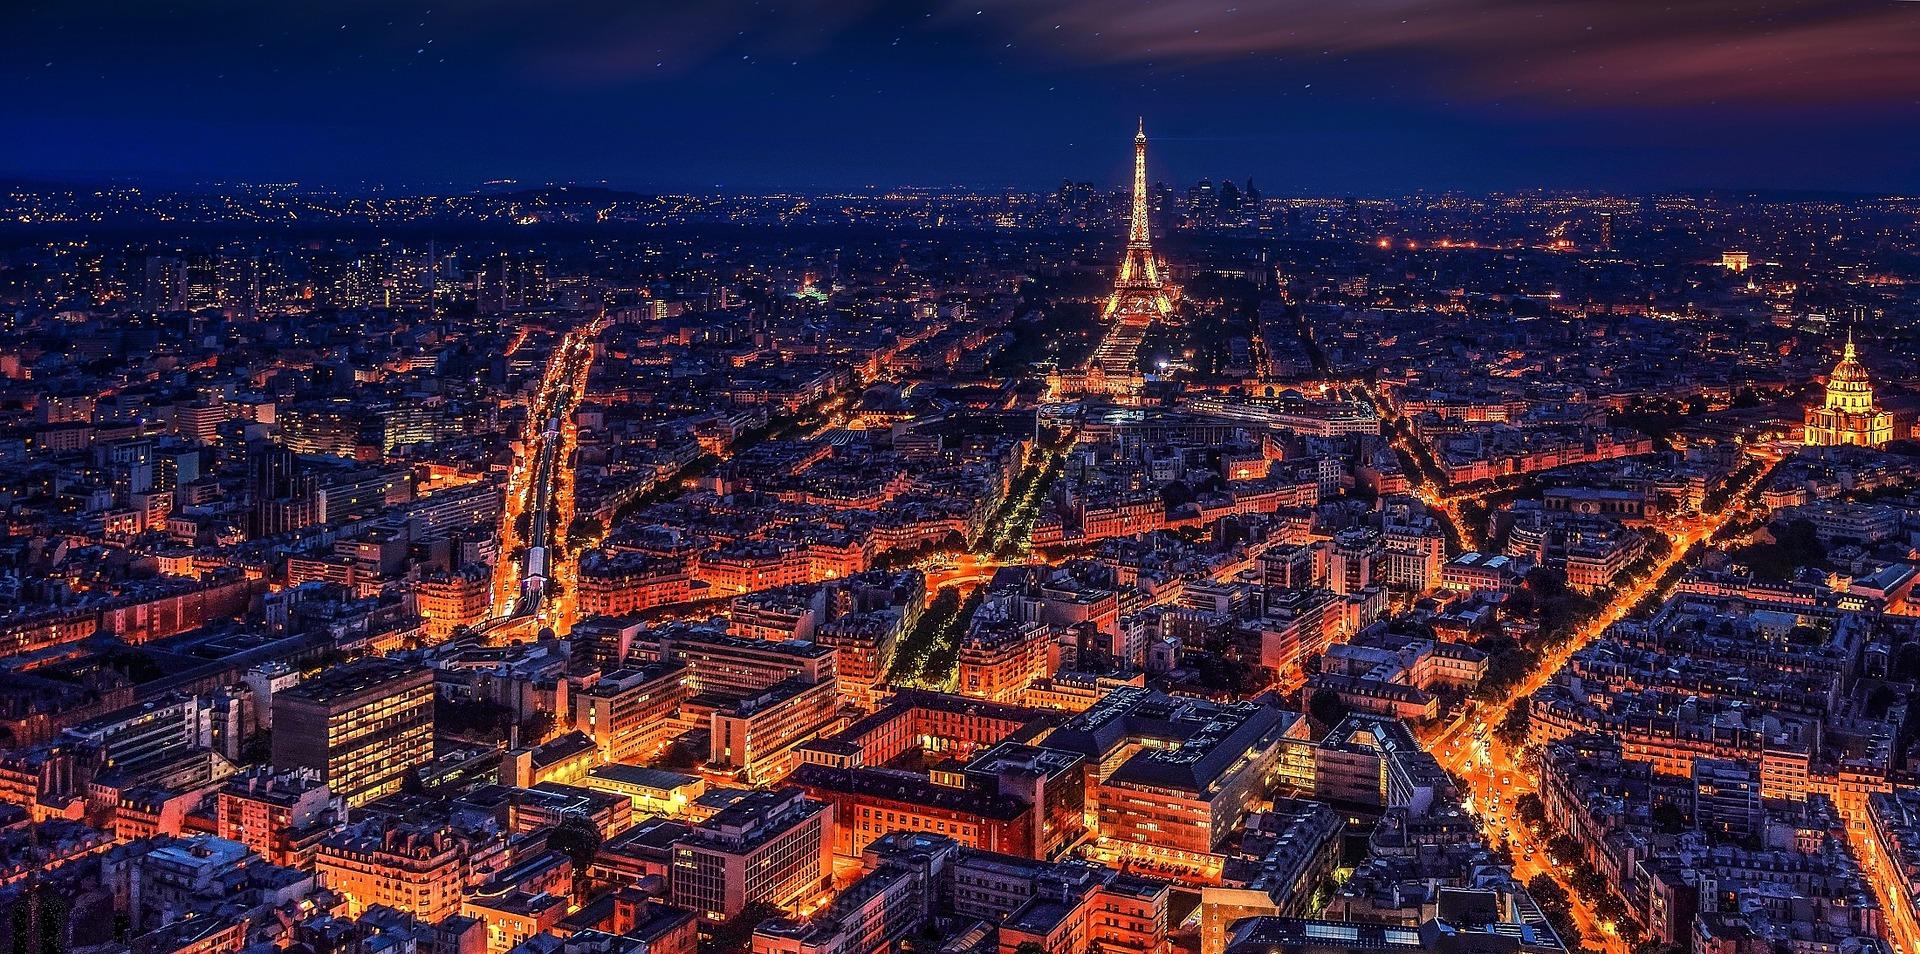 Ville de paris vue de nuit avec la tour Eiffel